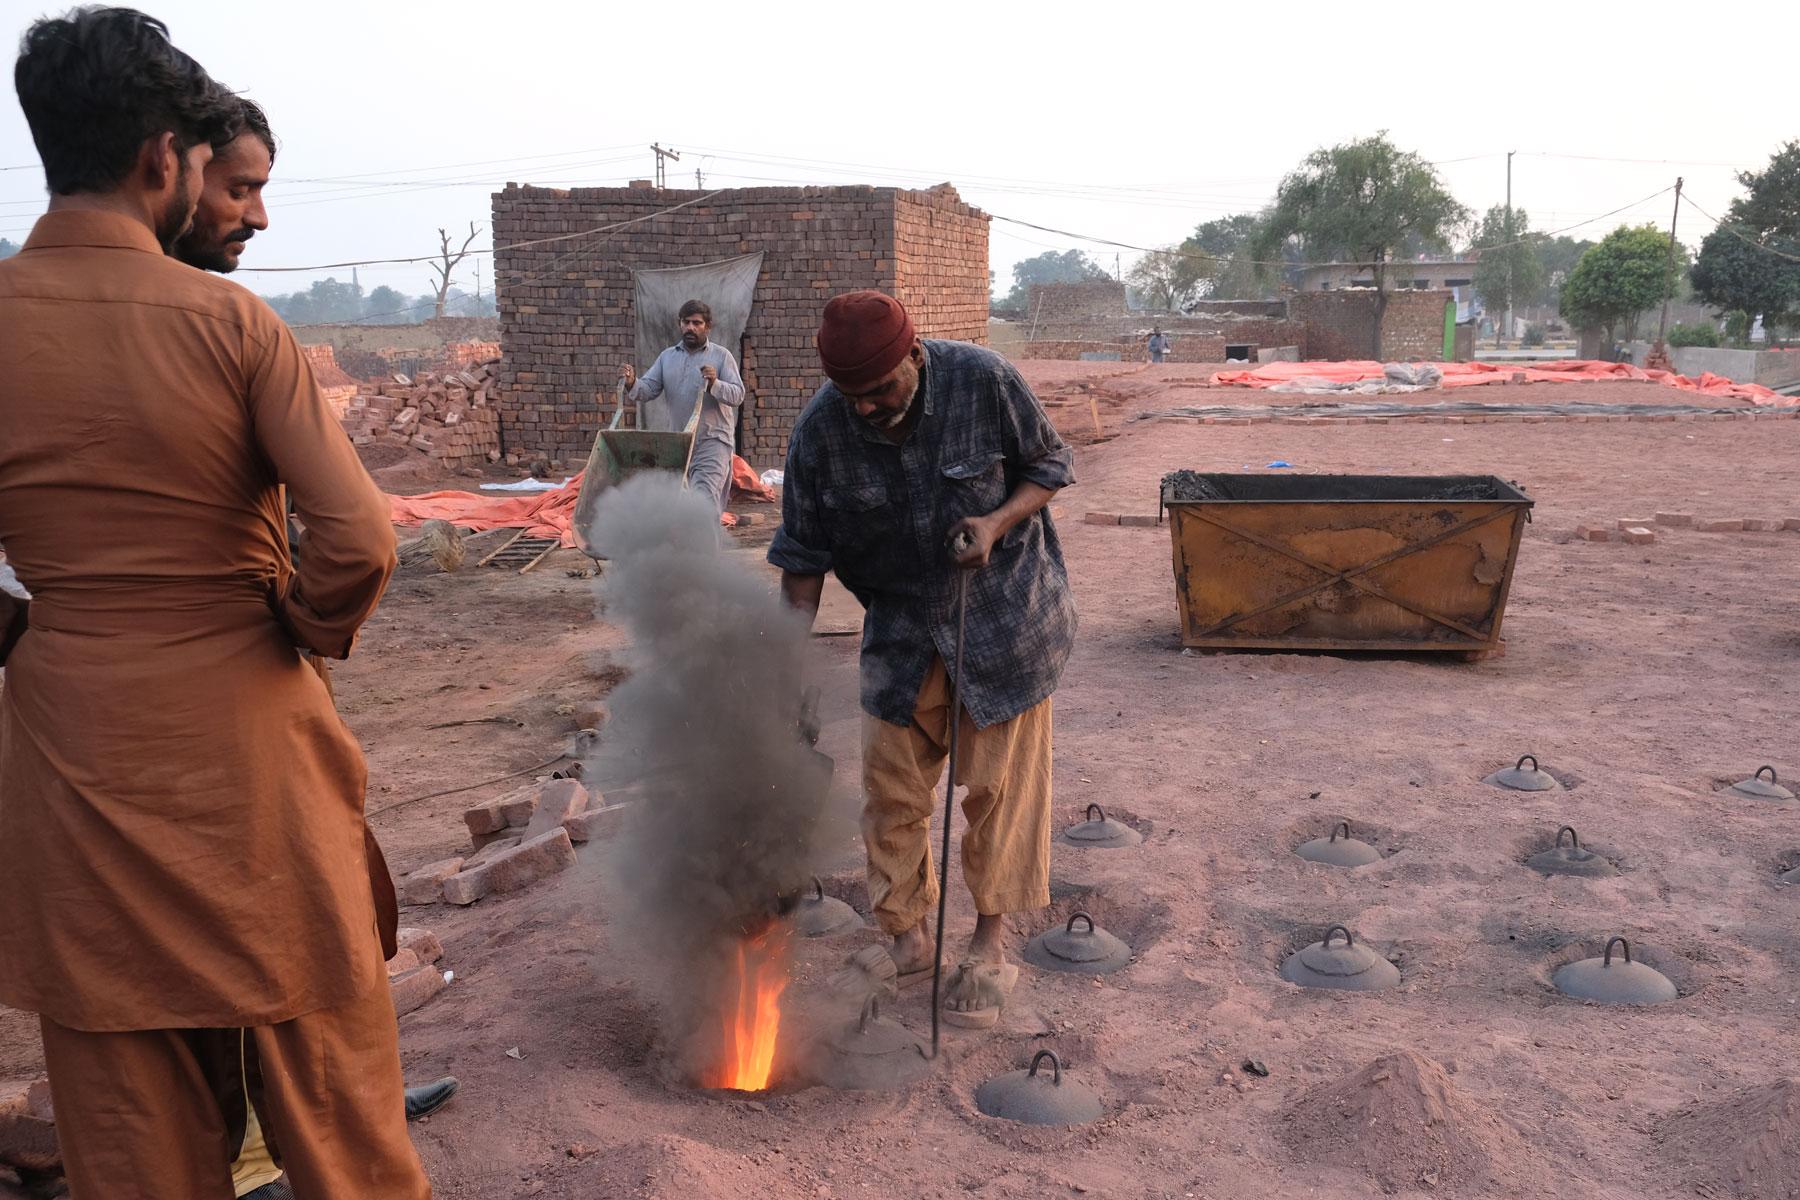 Ein Arbeiter schüttet Kohle in eine Öffnung des Brennofens einer Ziegelbrennerei.